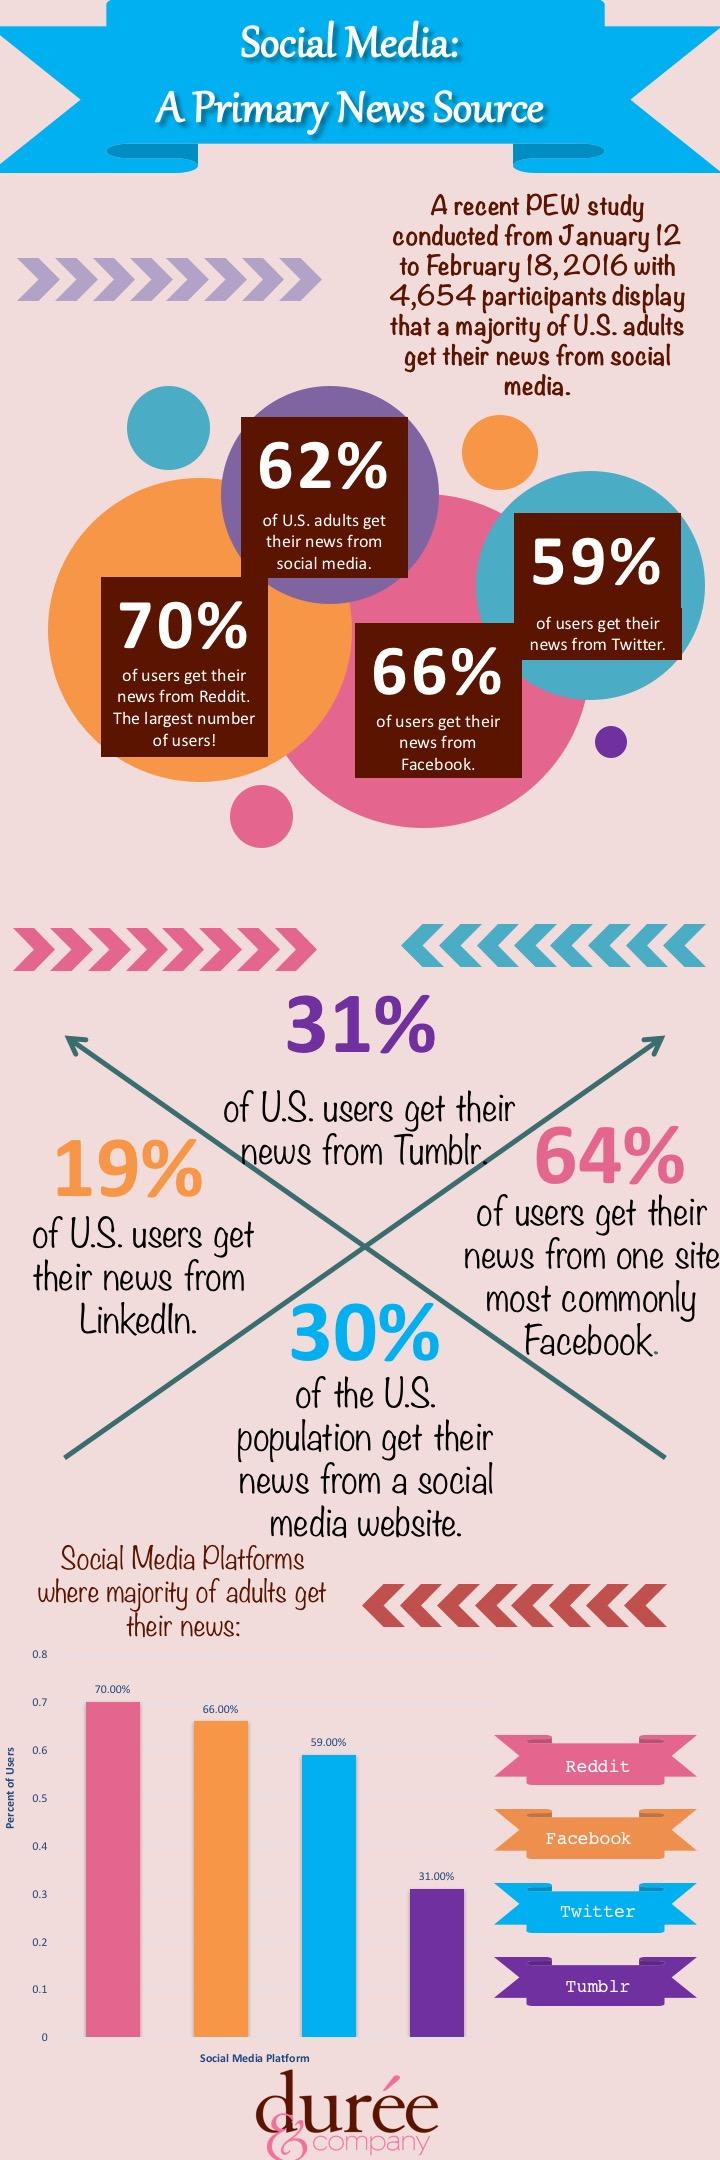 infographic v2